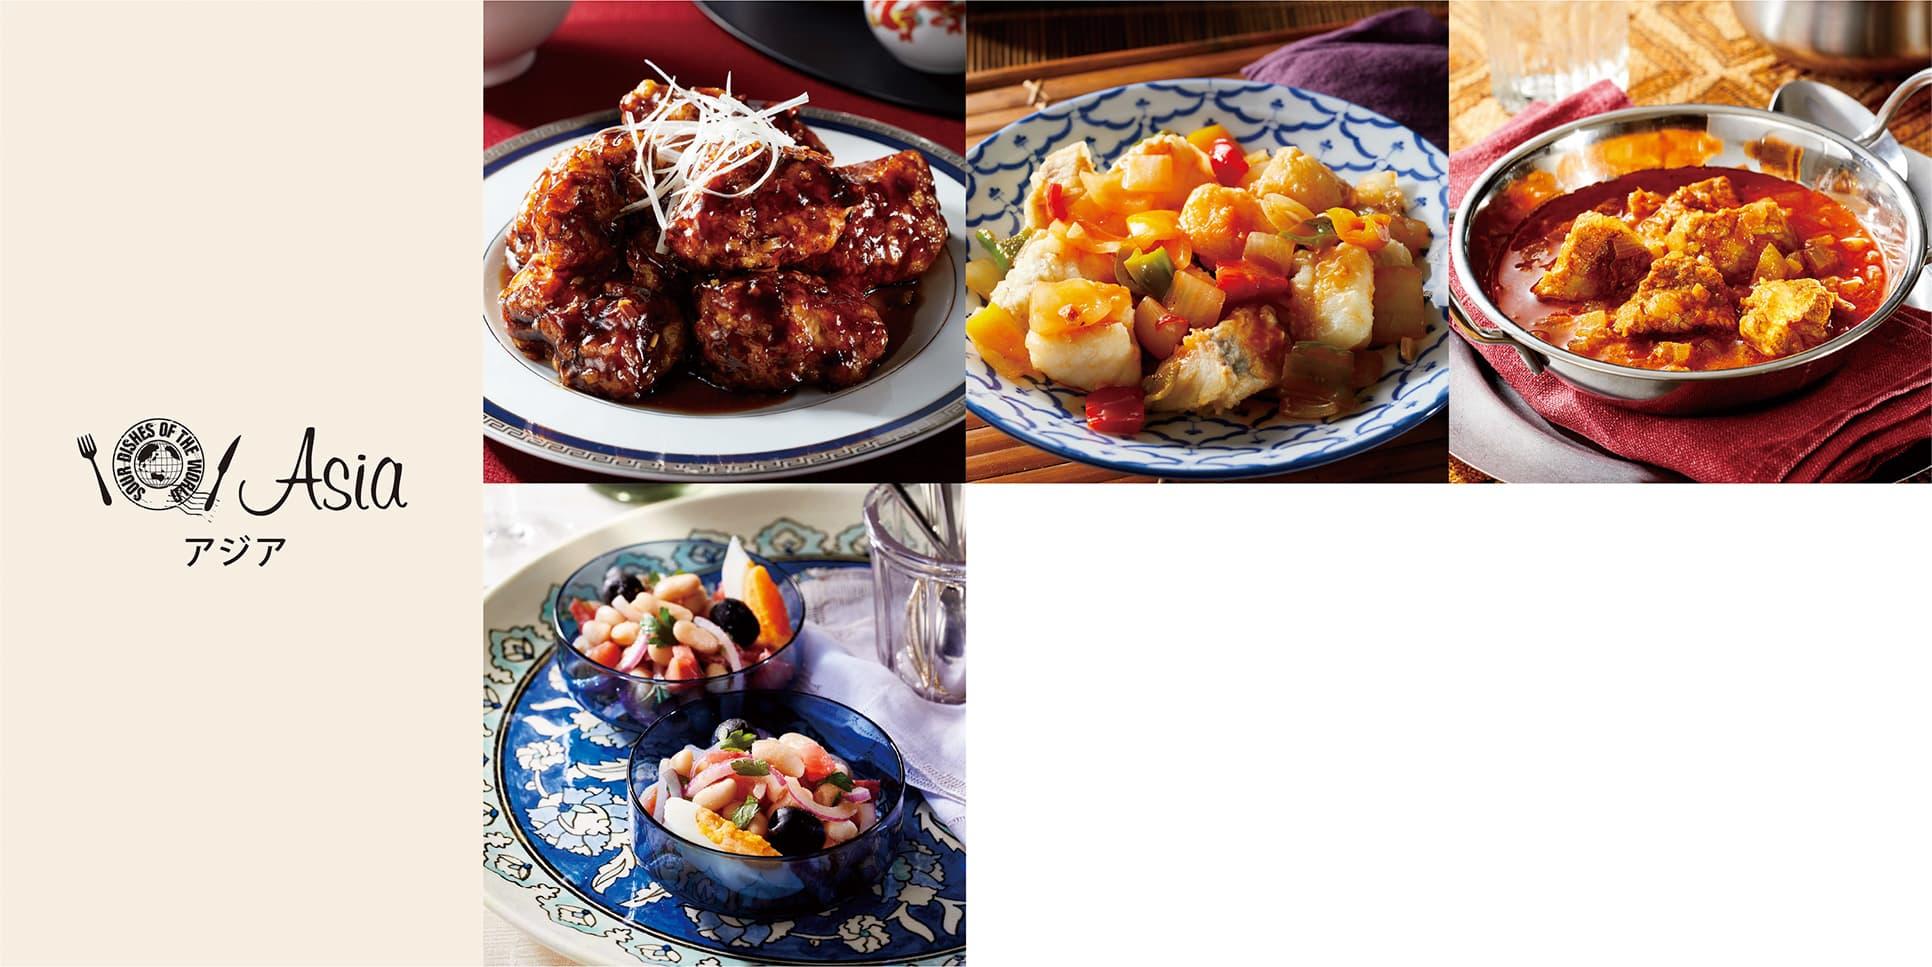 イメージ画像_世界のうまずっぱい料理_大陸の料理一覧_アジア編